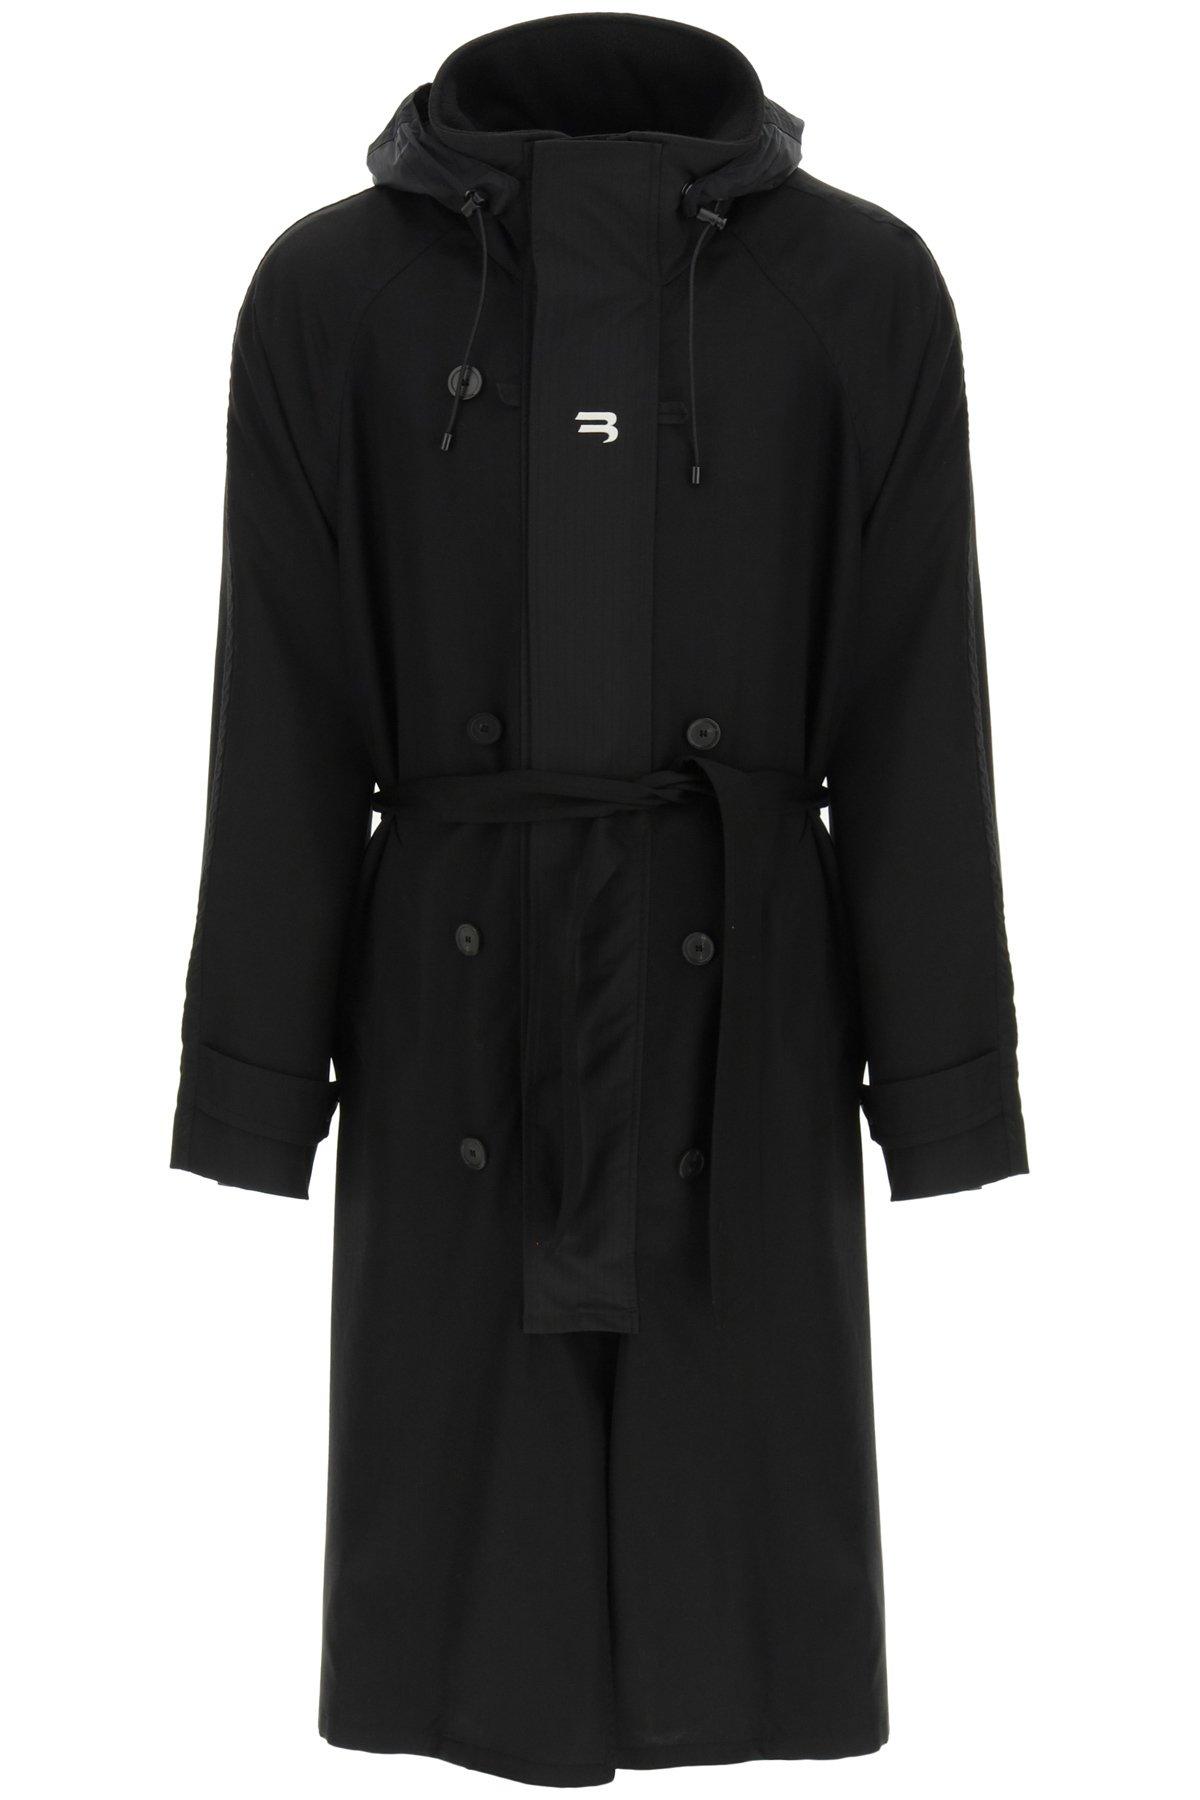 Balenciaga carcoat con cappuccio